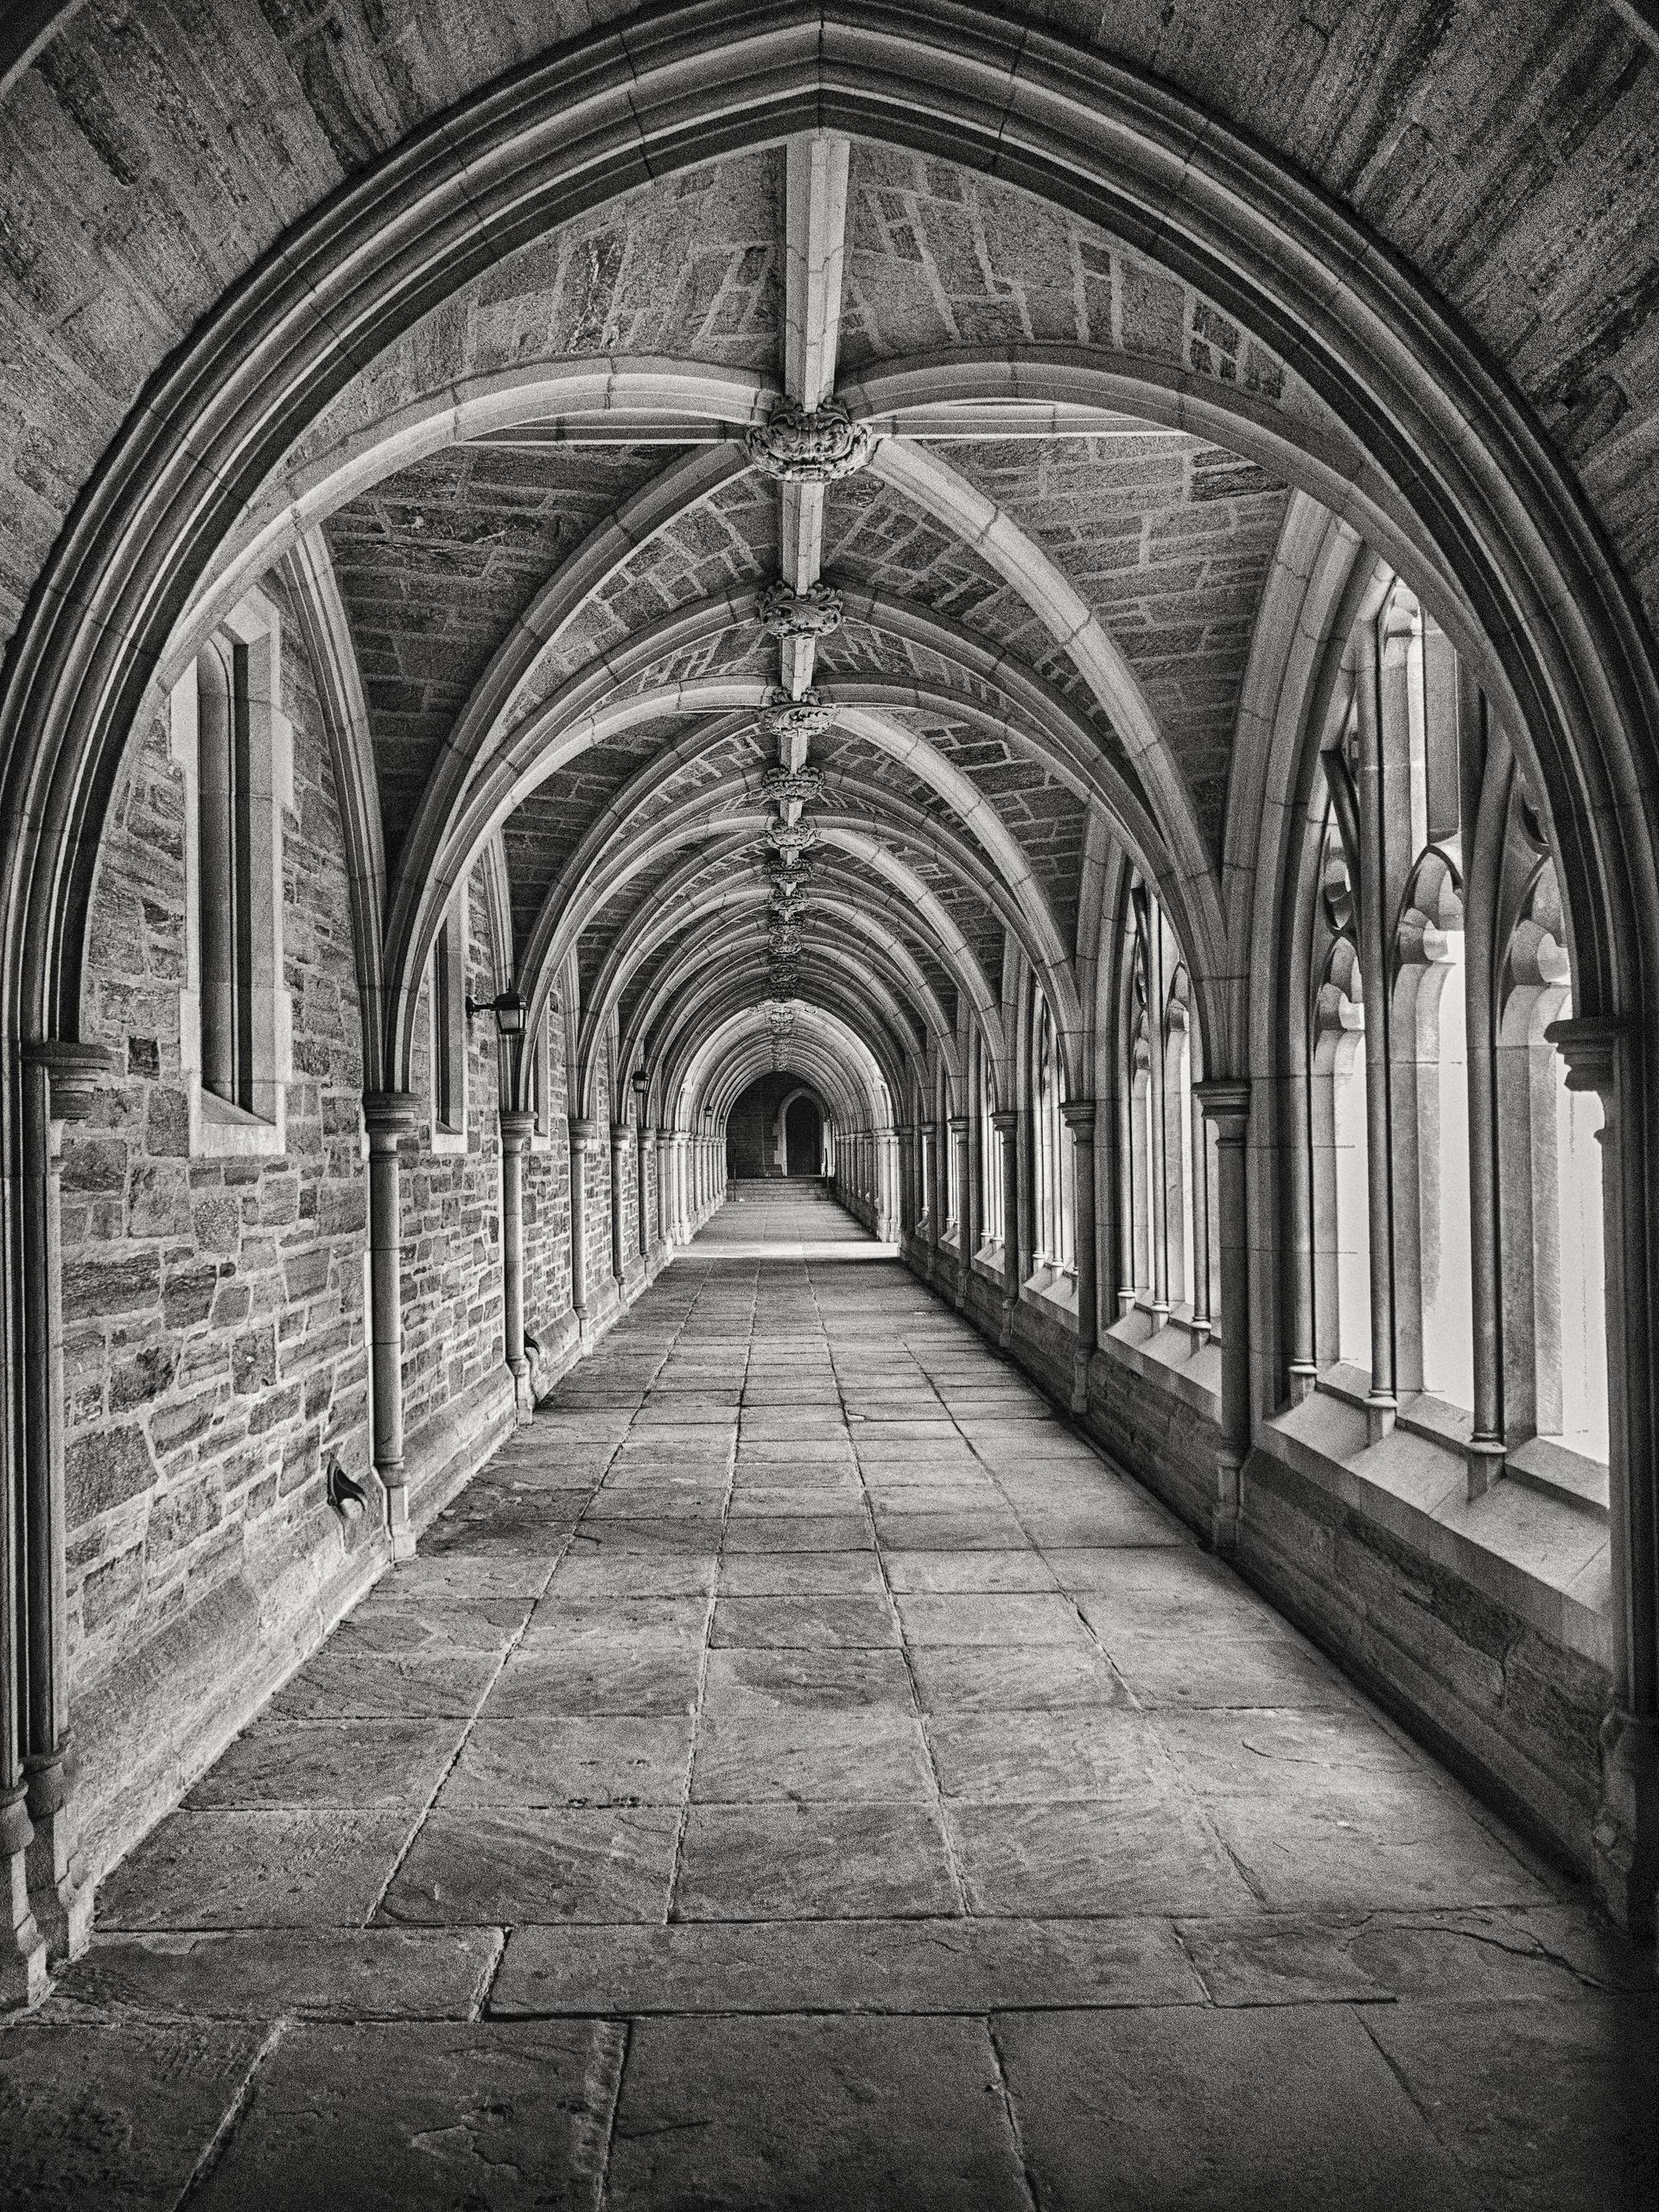 bâtiment, Arcos, architecture, vieux, en noir et blanc - Fonds d'écran HD - Professor-falken.com